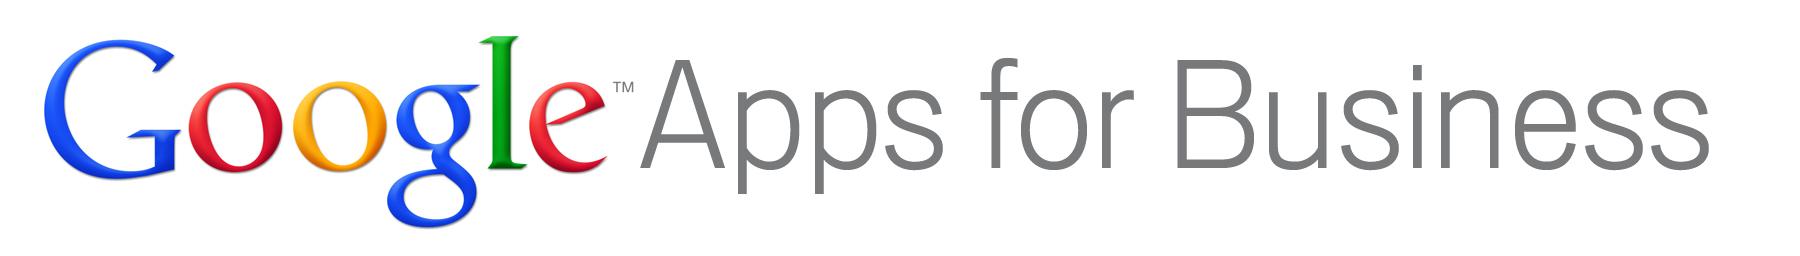 google apps logo.jpg